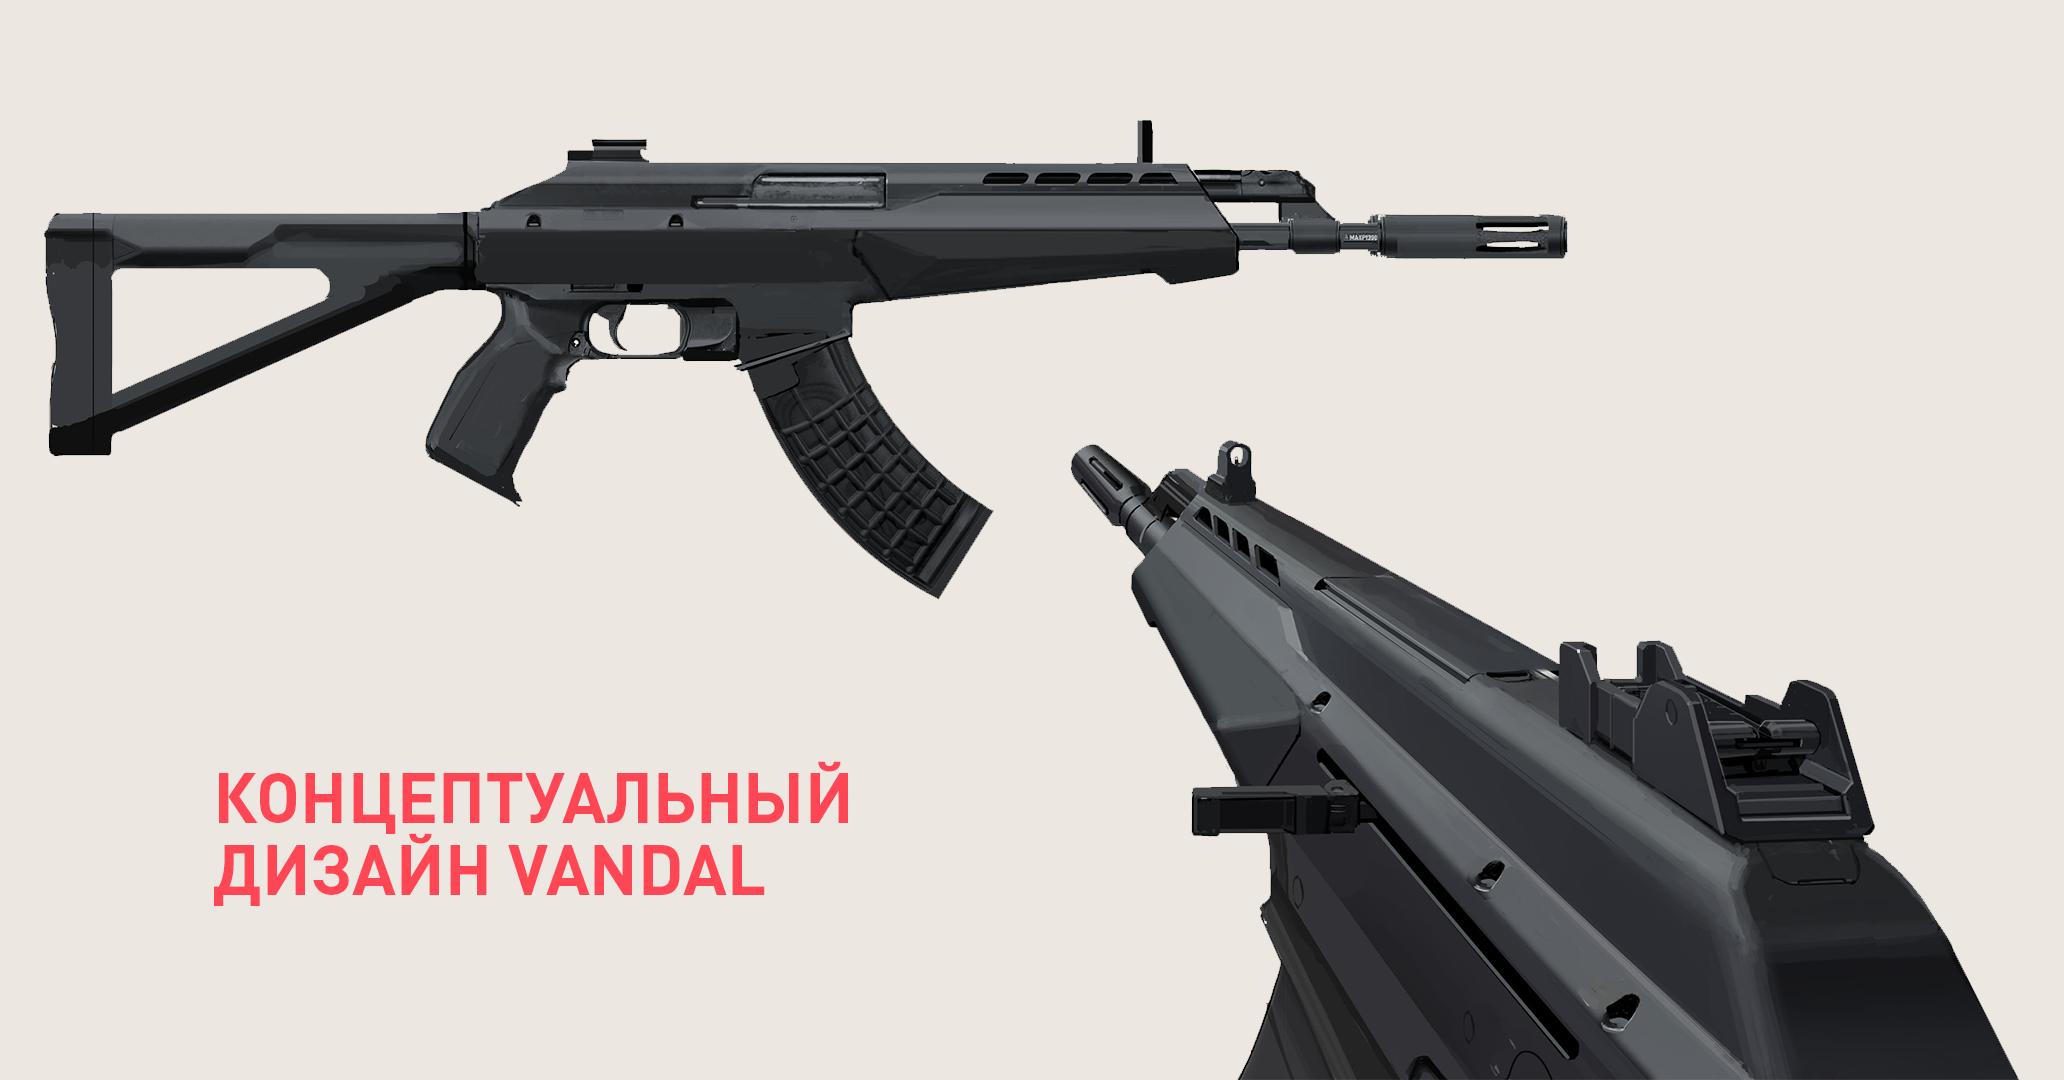 Vandal_Concept_RU.png